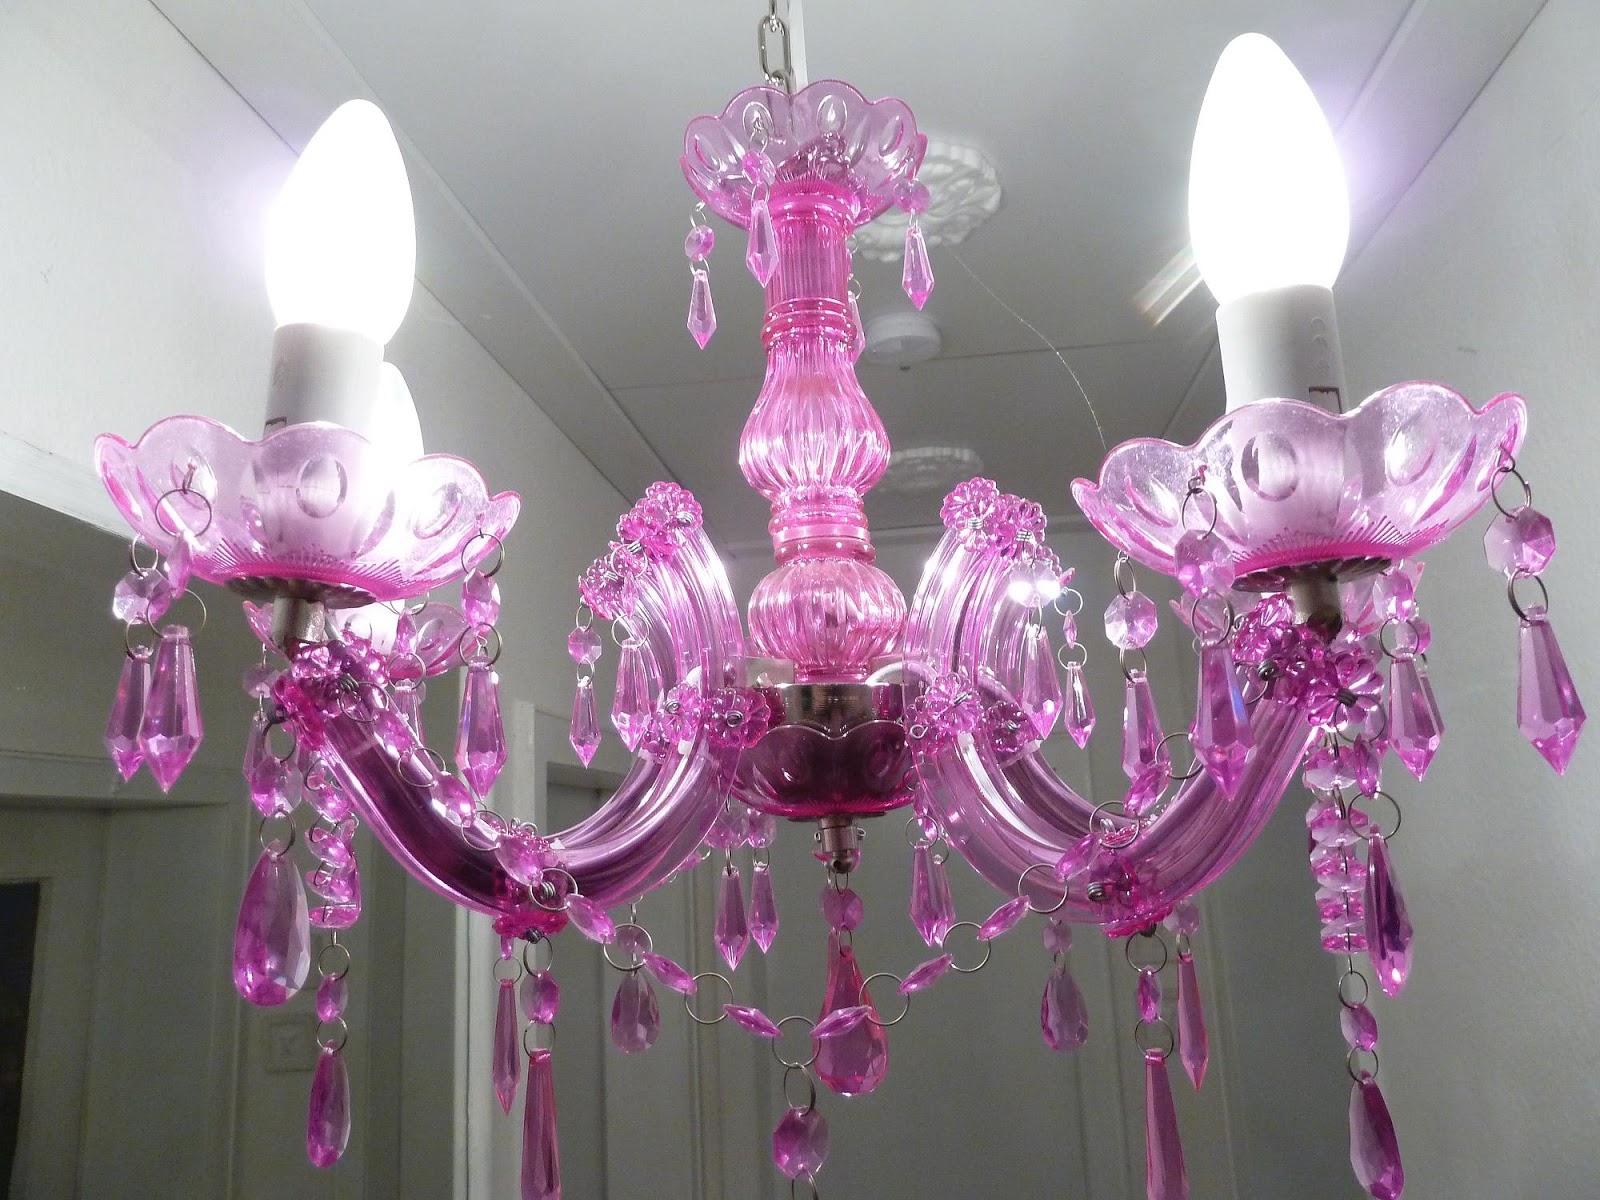 Kronleuchter Pink ~ Pinker kronleuchter freecellularphone